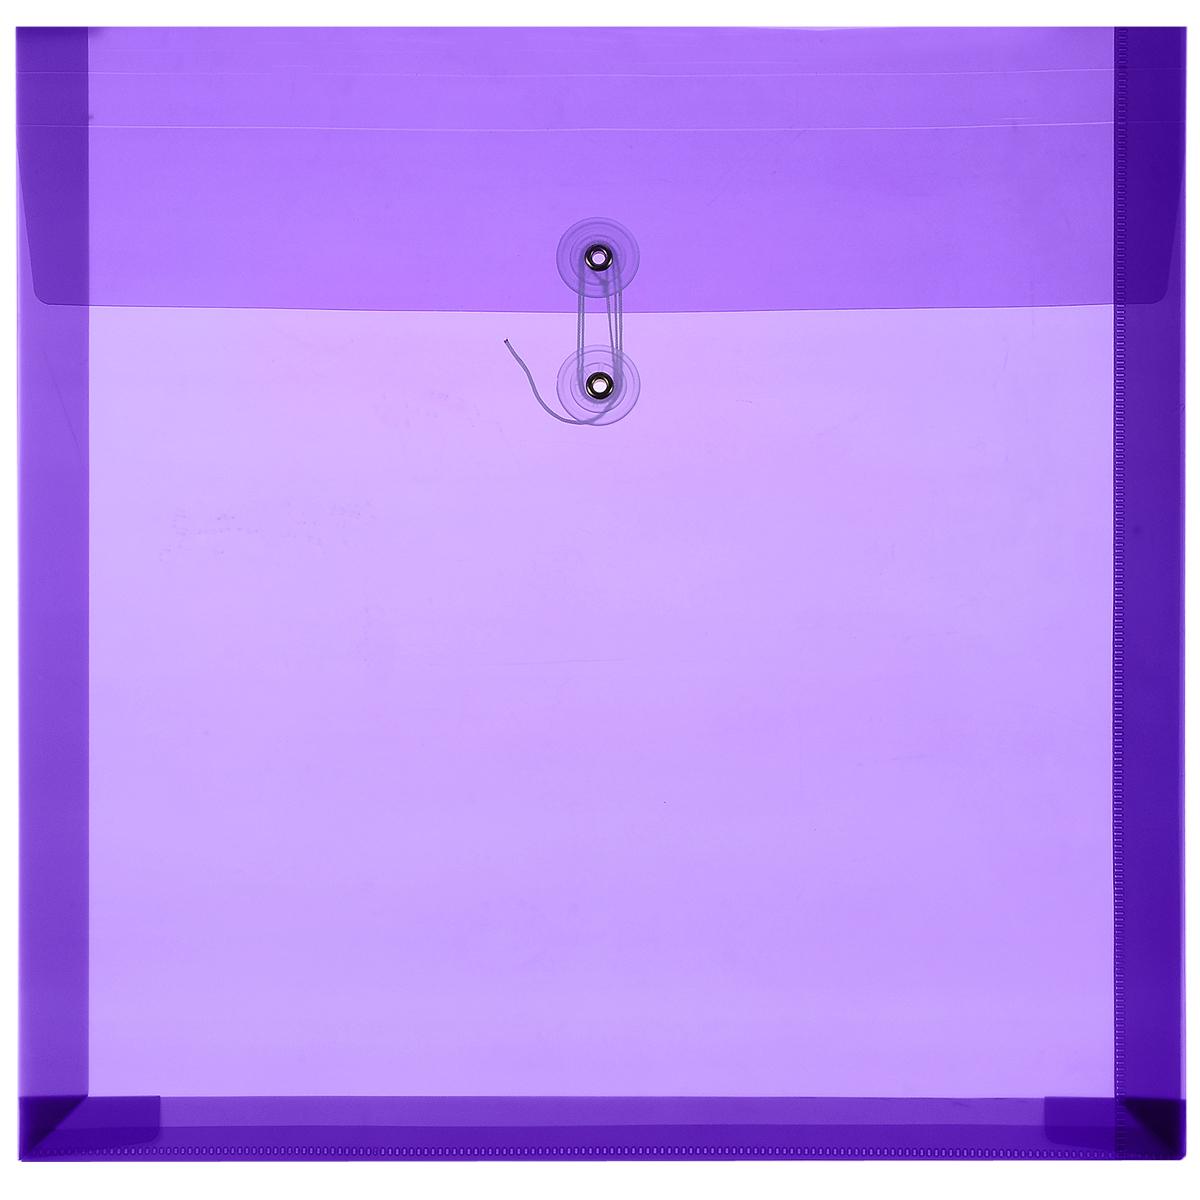 Папка для скрапбумаги Craft Premier, цвет: фиолетовый, 32 х 32 смRSP-202SПапка для скрапбумаги Craft Premier изготовлена из ПВХ без содержания кислот. Папка имеет удобный формат для хранения листовой бумаги для скрапбукинга, готовых работ, декоративных элементов. Вмещает 50 - 60 листов бумаги, в зависимости от ее плотности. Для стопки бумаги до 4 см. Размер папки: 32 см х 32 см.